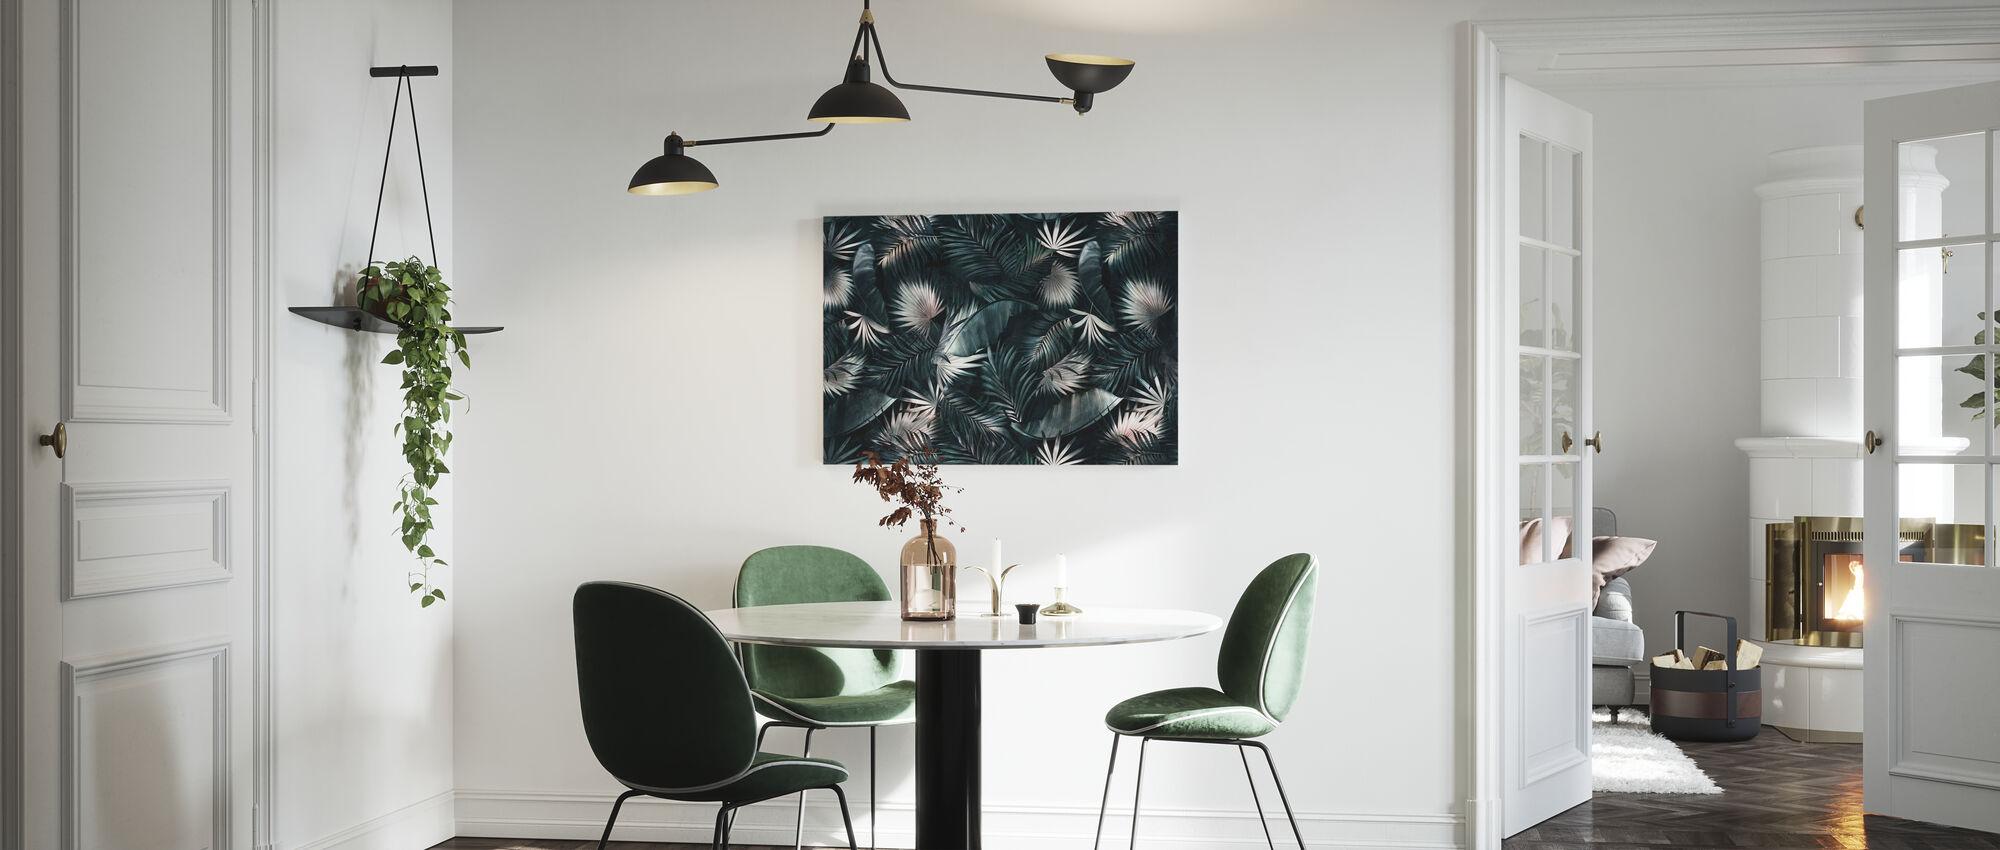 Tropische bladeren - Donker - Canvas print - Keuken